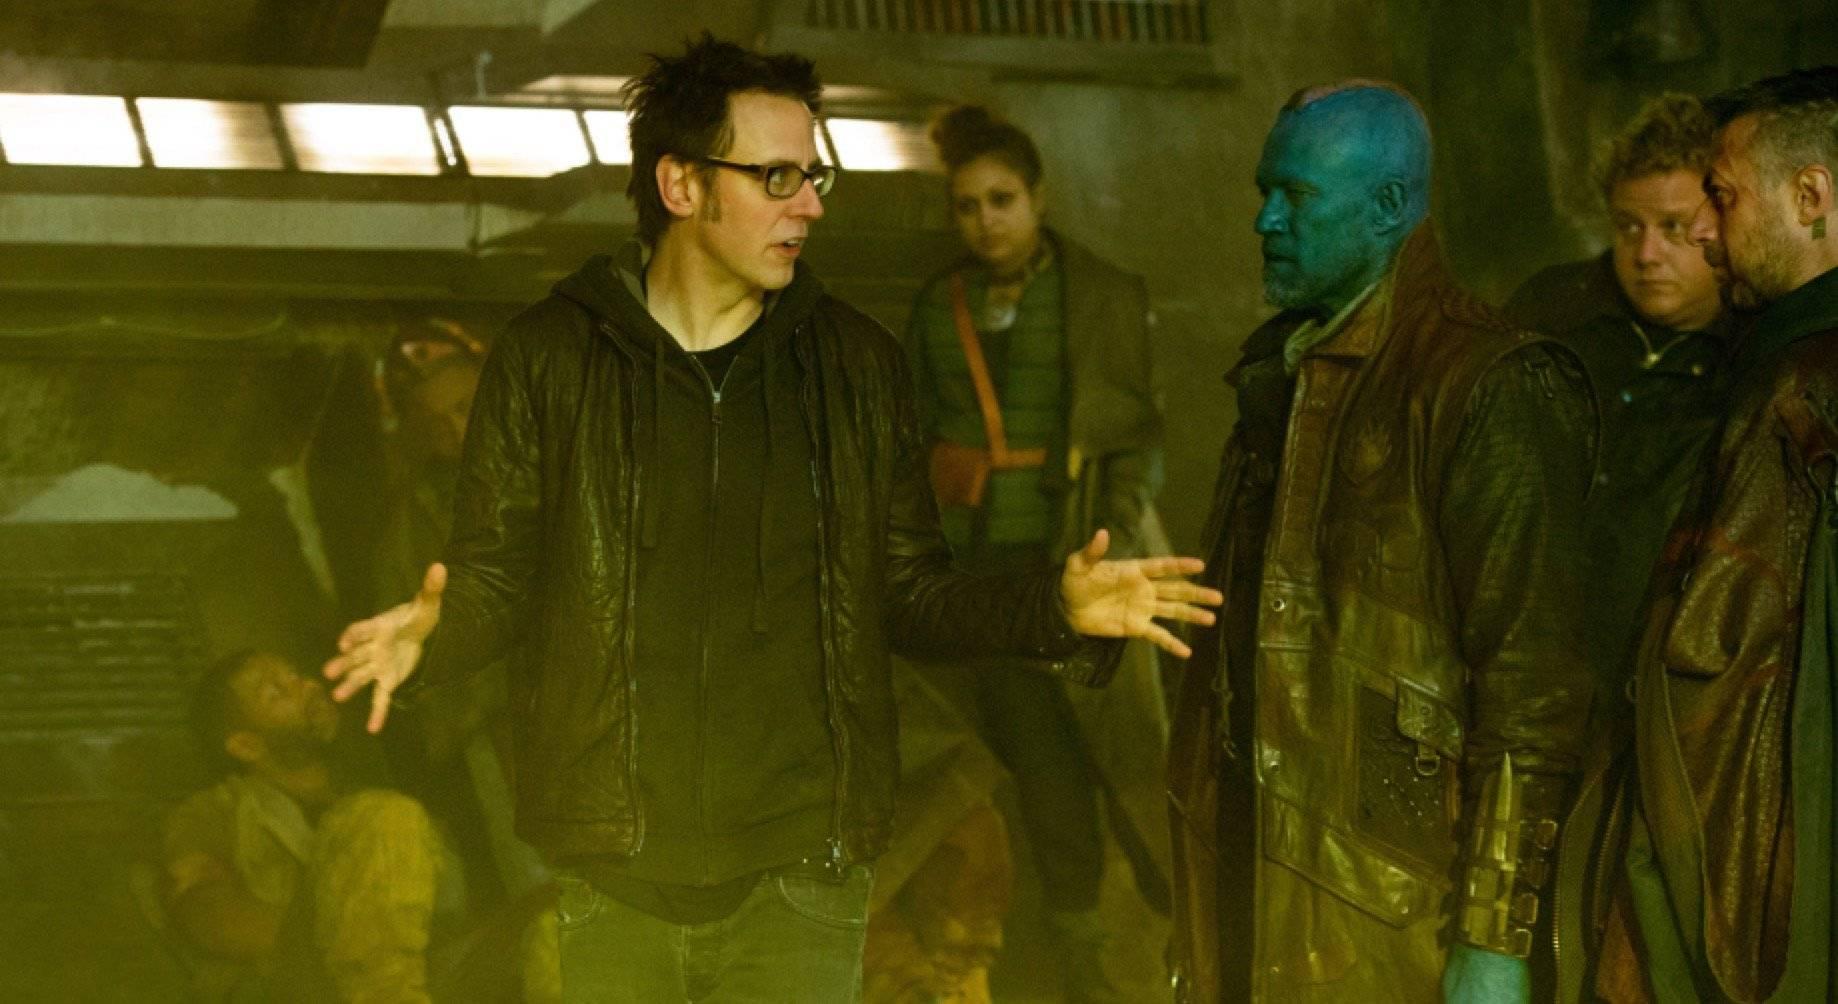 Режиссёр Джеймс Ганн опубликовал в Сети сценарий второй части «Стражей галактики»